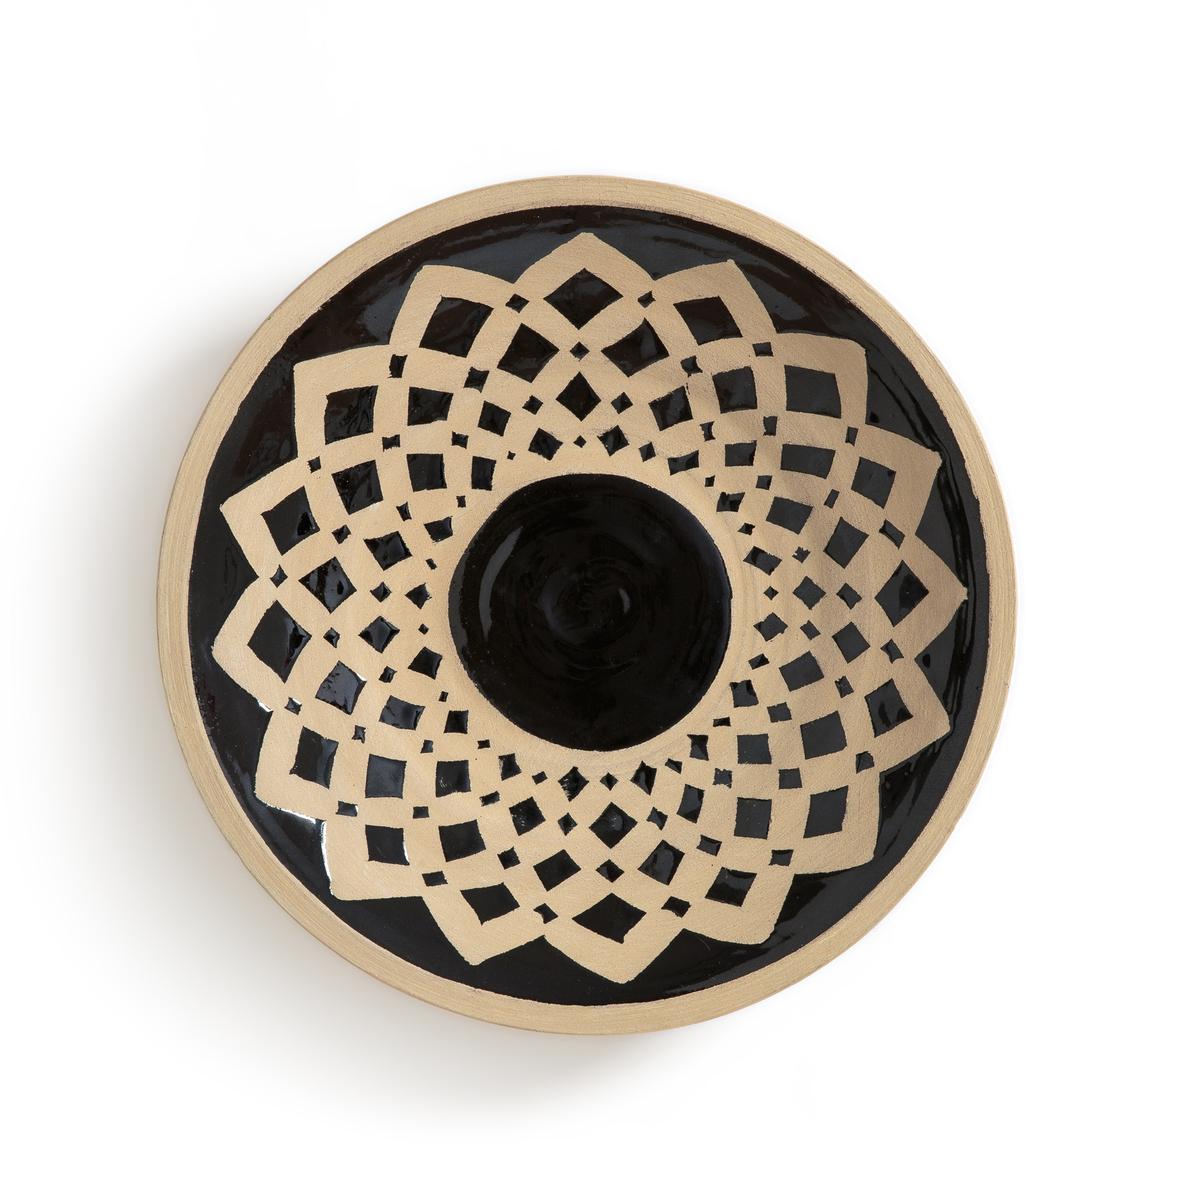 Украшение настенное, ?34 см, рисунок 2, SombralНастенное украшение Sombral. Из керамики. 3 модели с различным рисунком, представленные на нашем сайте, можно сочетать для оригинального настенного украшения в этническом стиле. Пластина для крепления на стену (винт и дюбель продаются отдельно). Размеры: ?34 x В7 см.<br><br>Цвет: черный